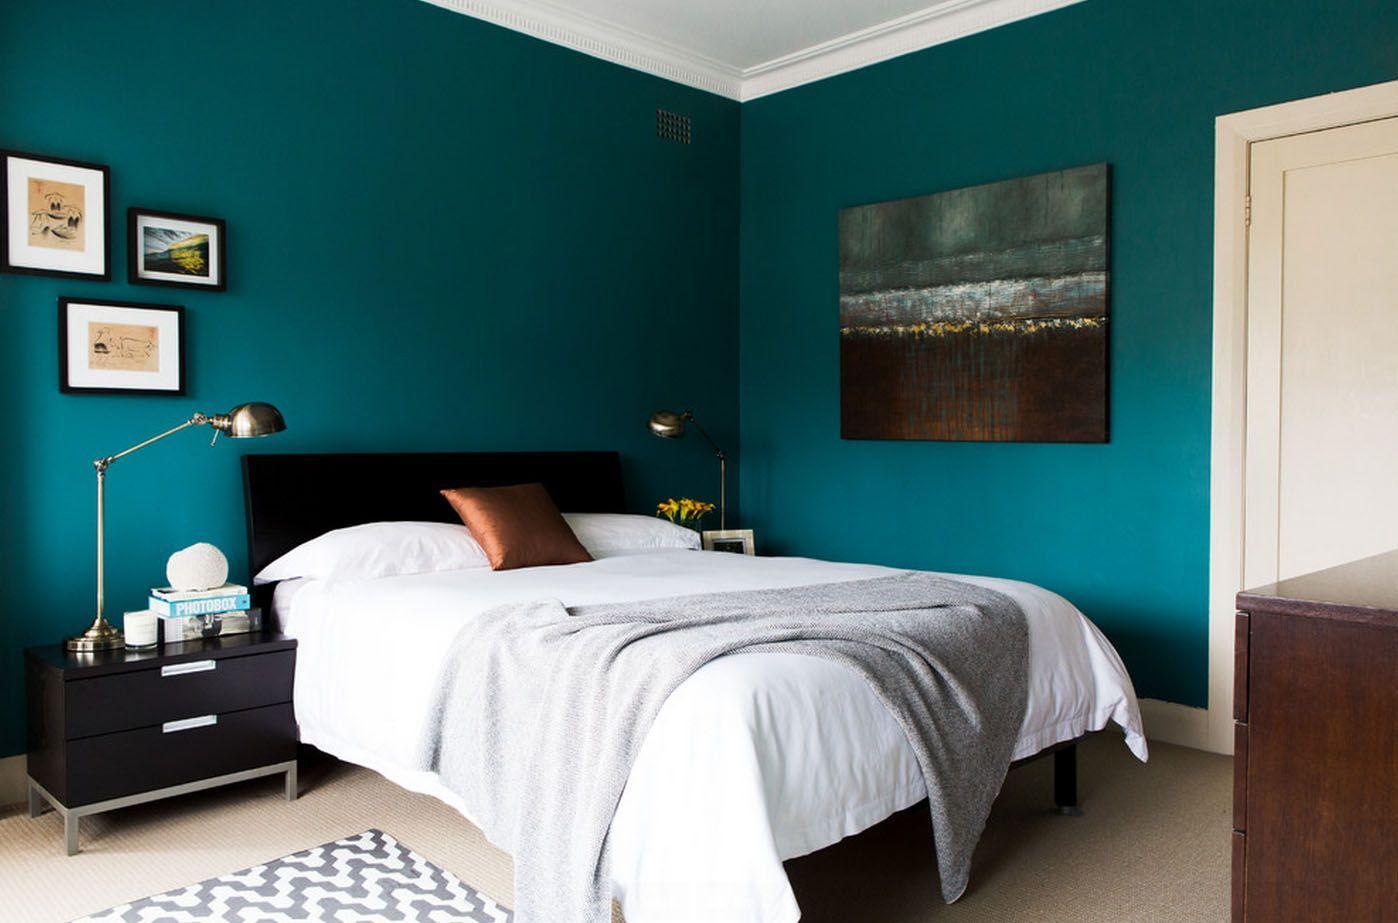 """Foto: Reprodução / <a href=""""http://thehome.com.au/"""" target=""""_blank"""">The Home</a>"""